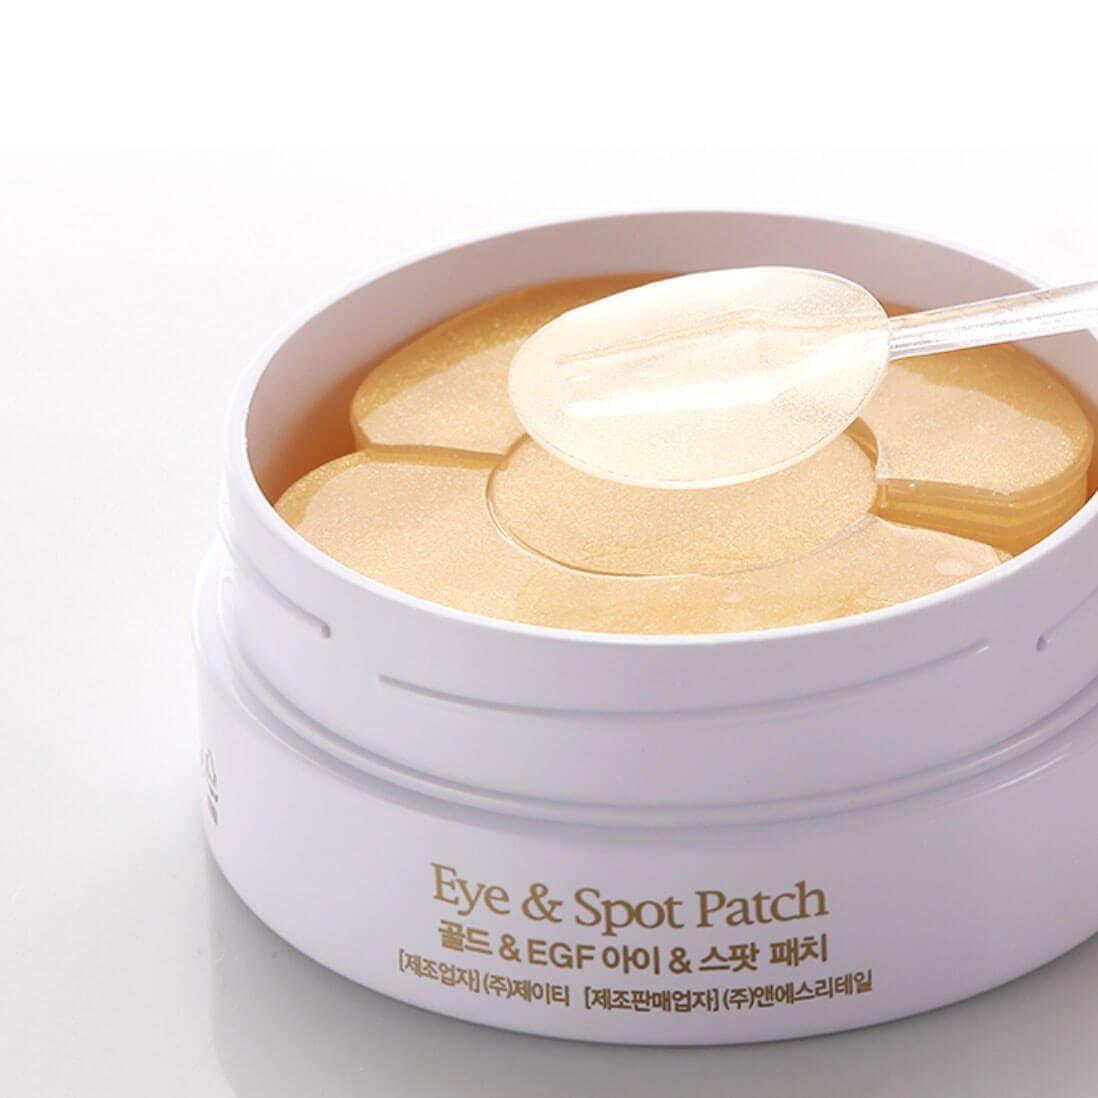 Гидрогелевые патчи Petitfee Gold & EGF Eye & Spot Patch